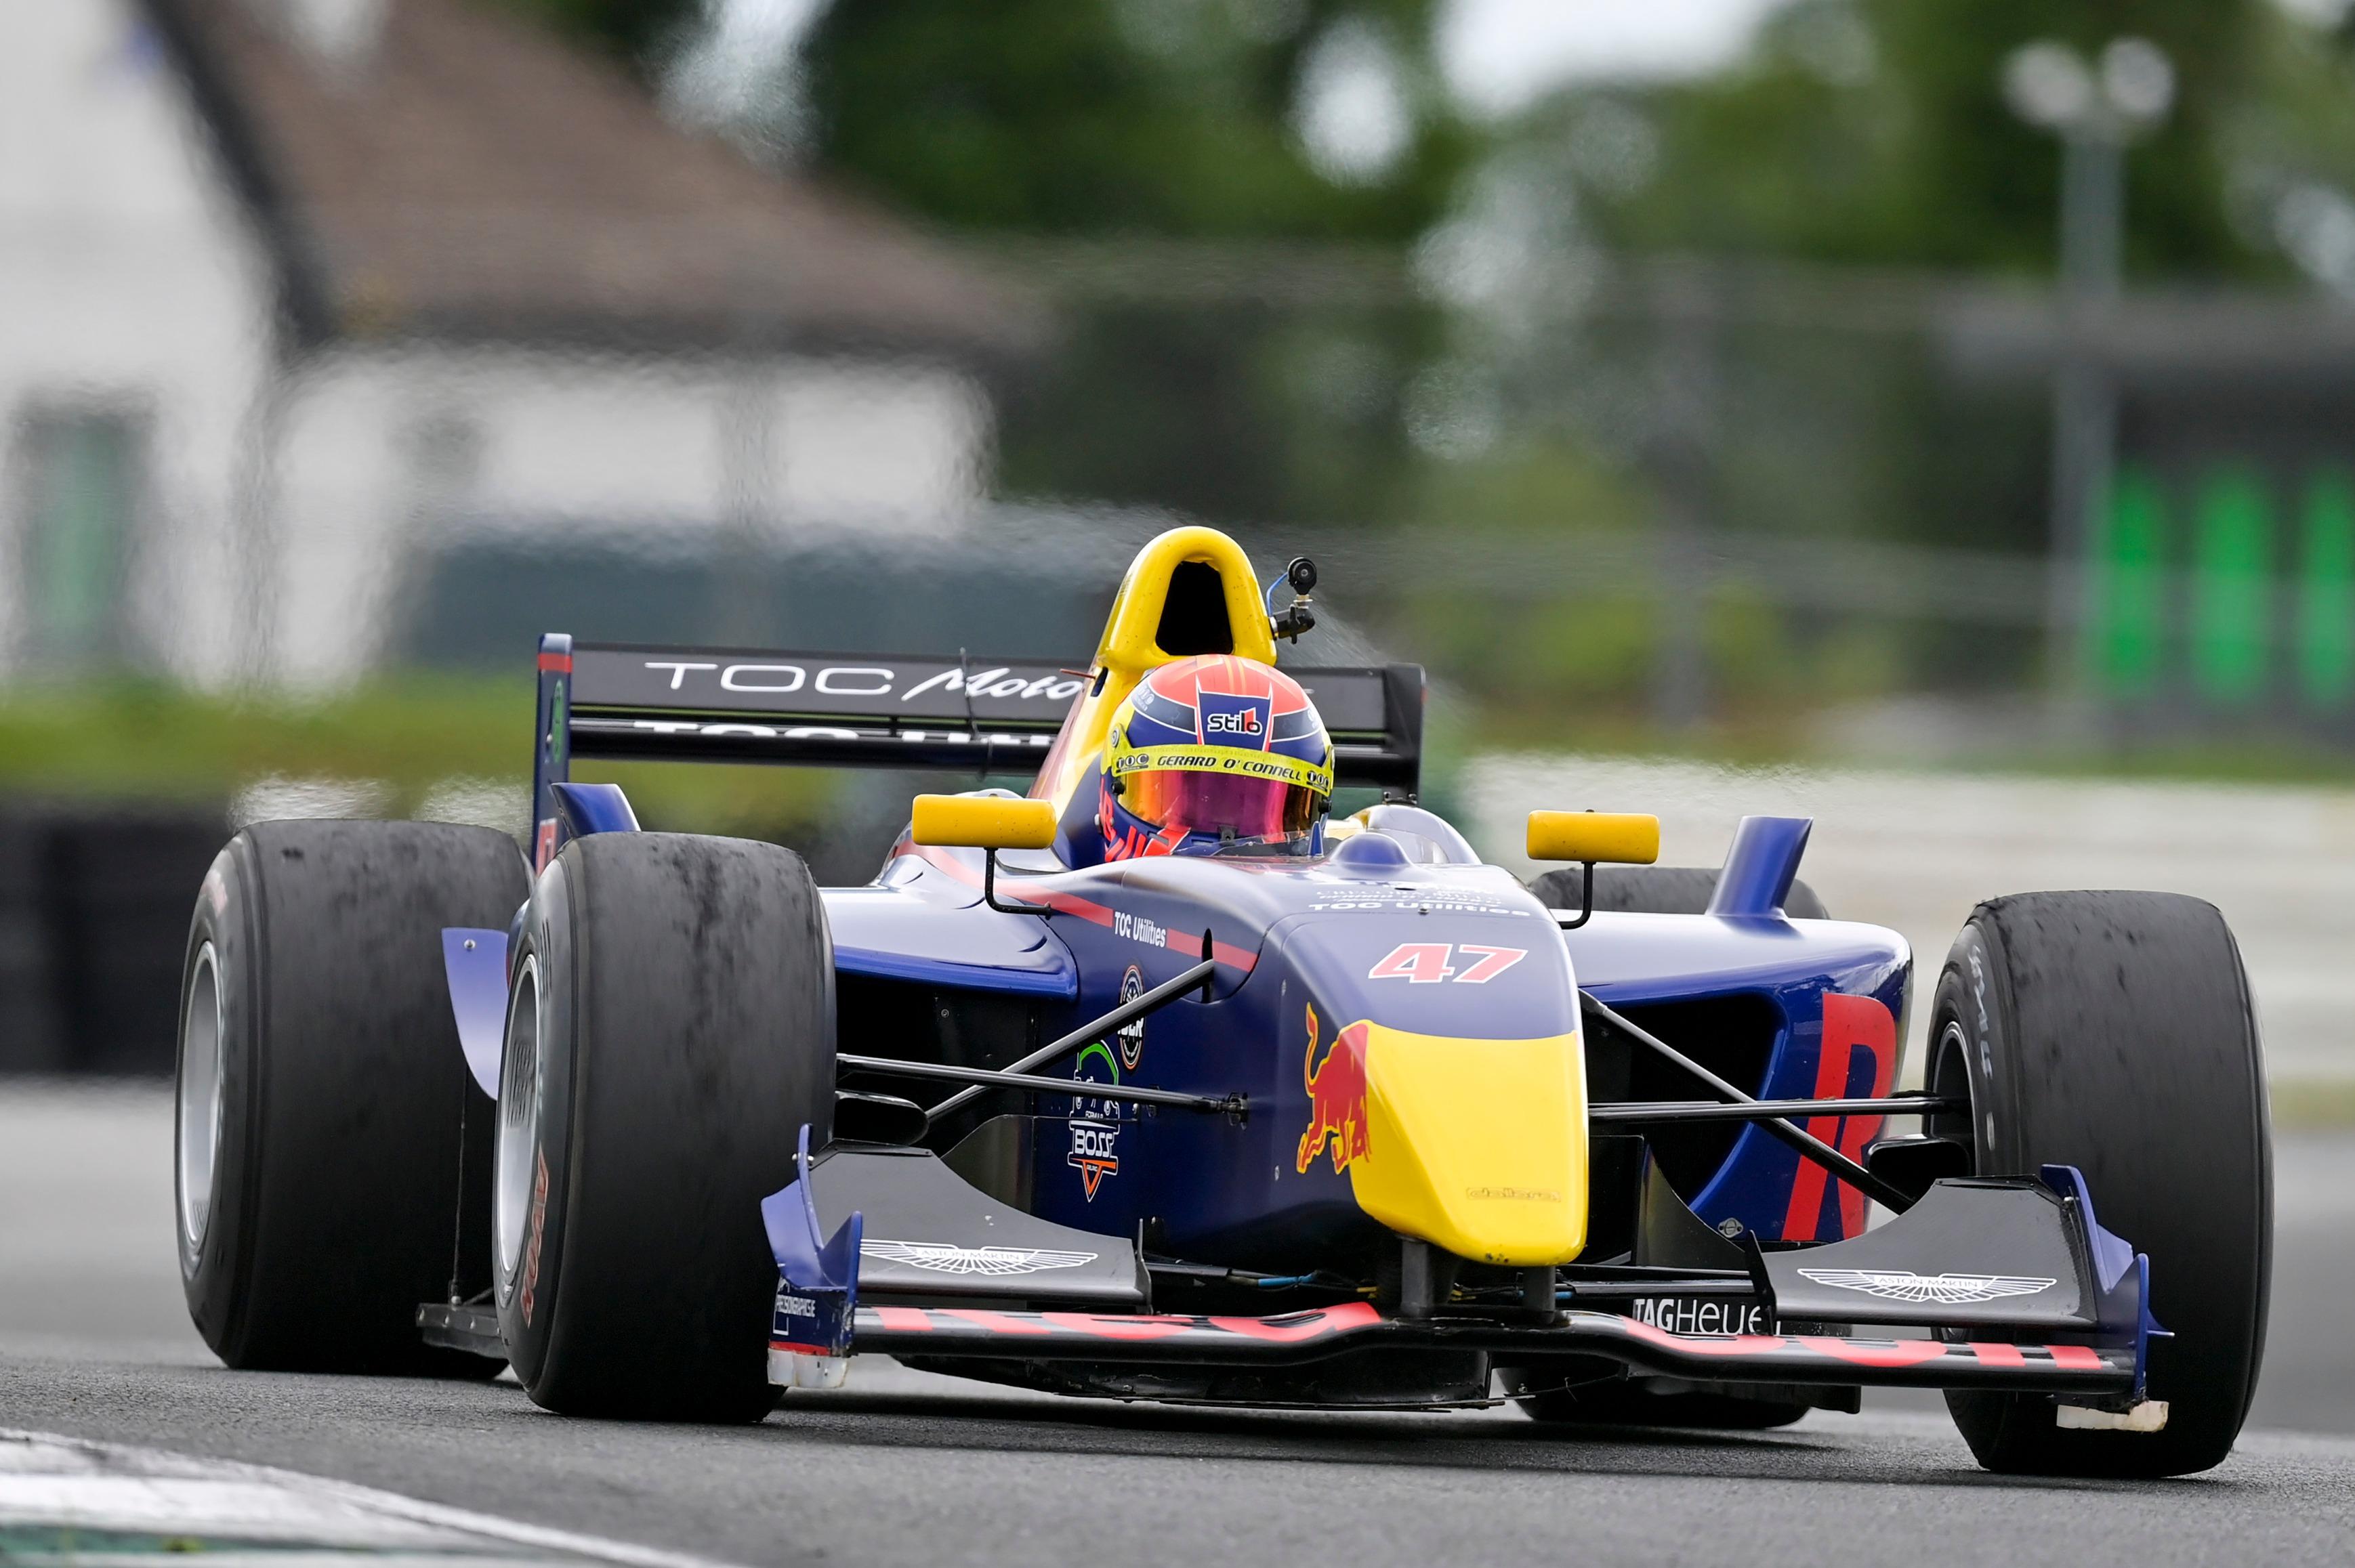 Gerard O'Connell (Dallara World Series), Mondello Park 2021